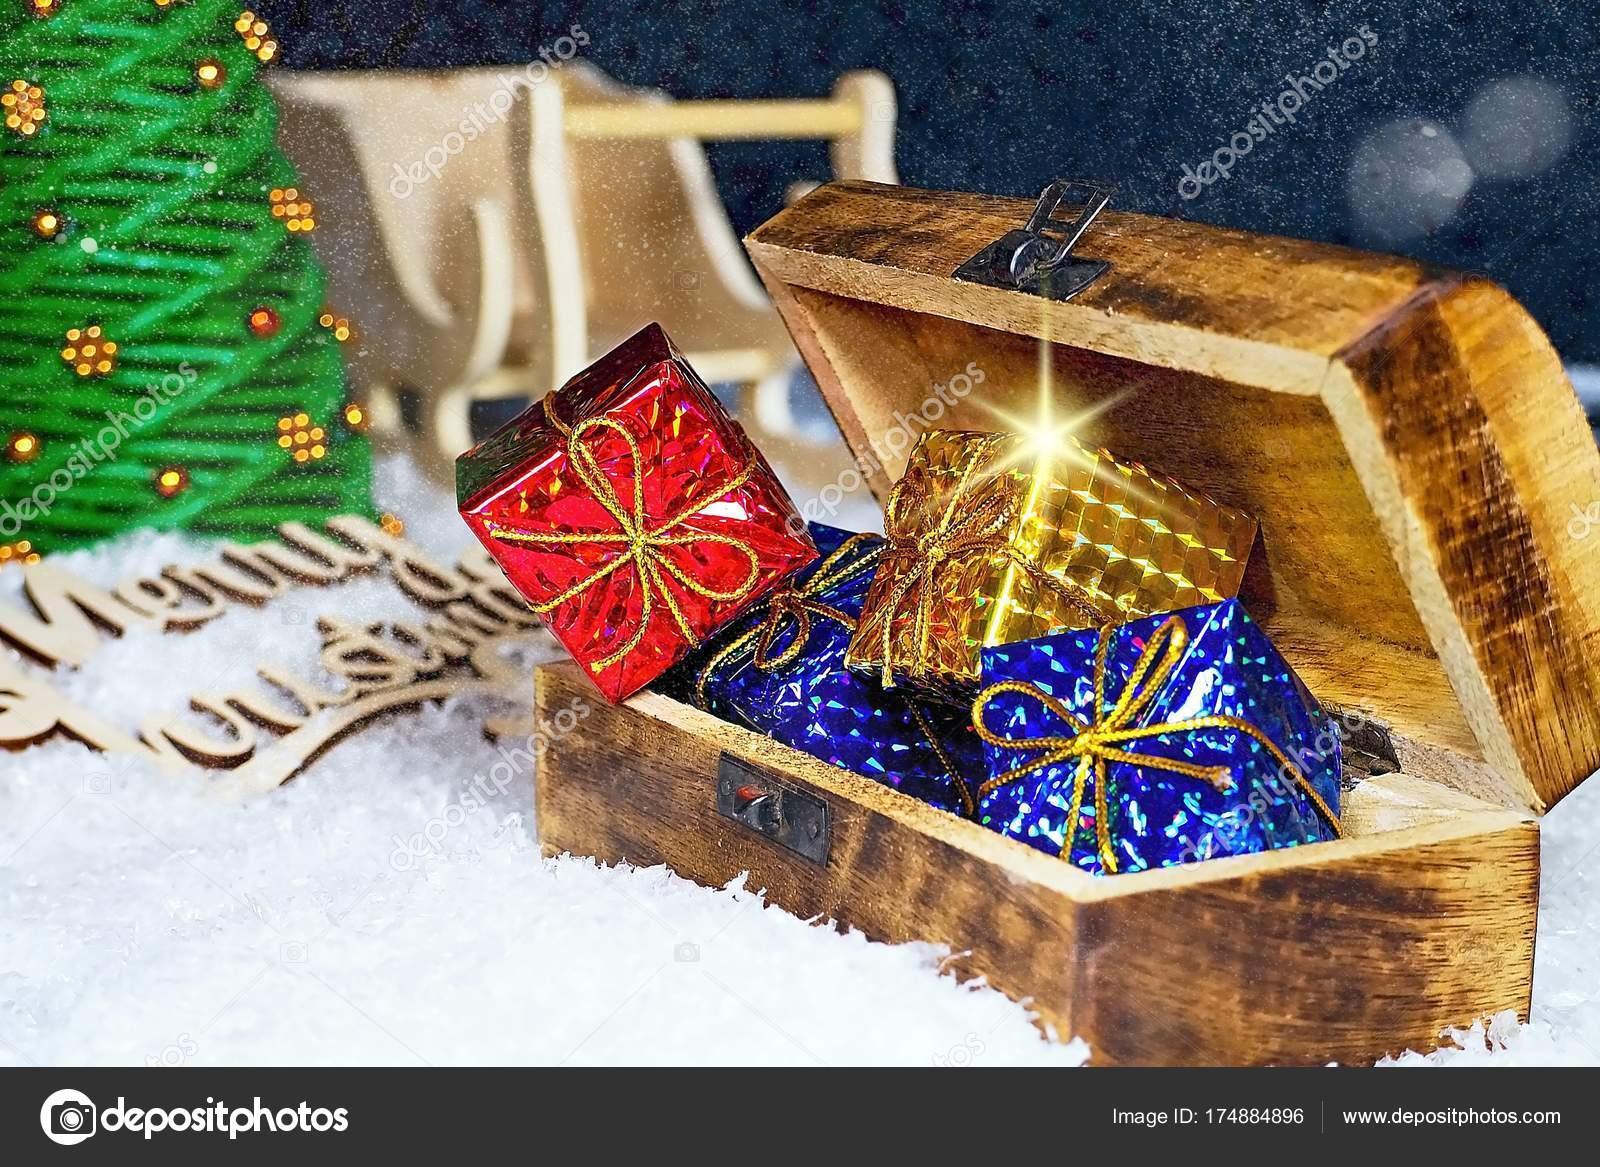 Weihnachtsgrüße Für.Weihnachtsgrüße Für Die Weihnachtszeit Schneeflocken Bedeckt Mit